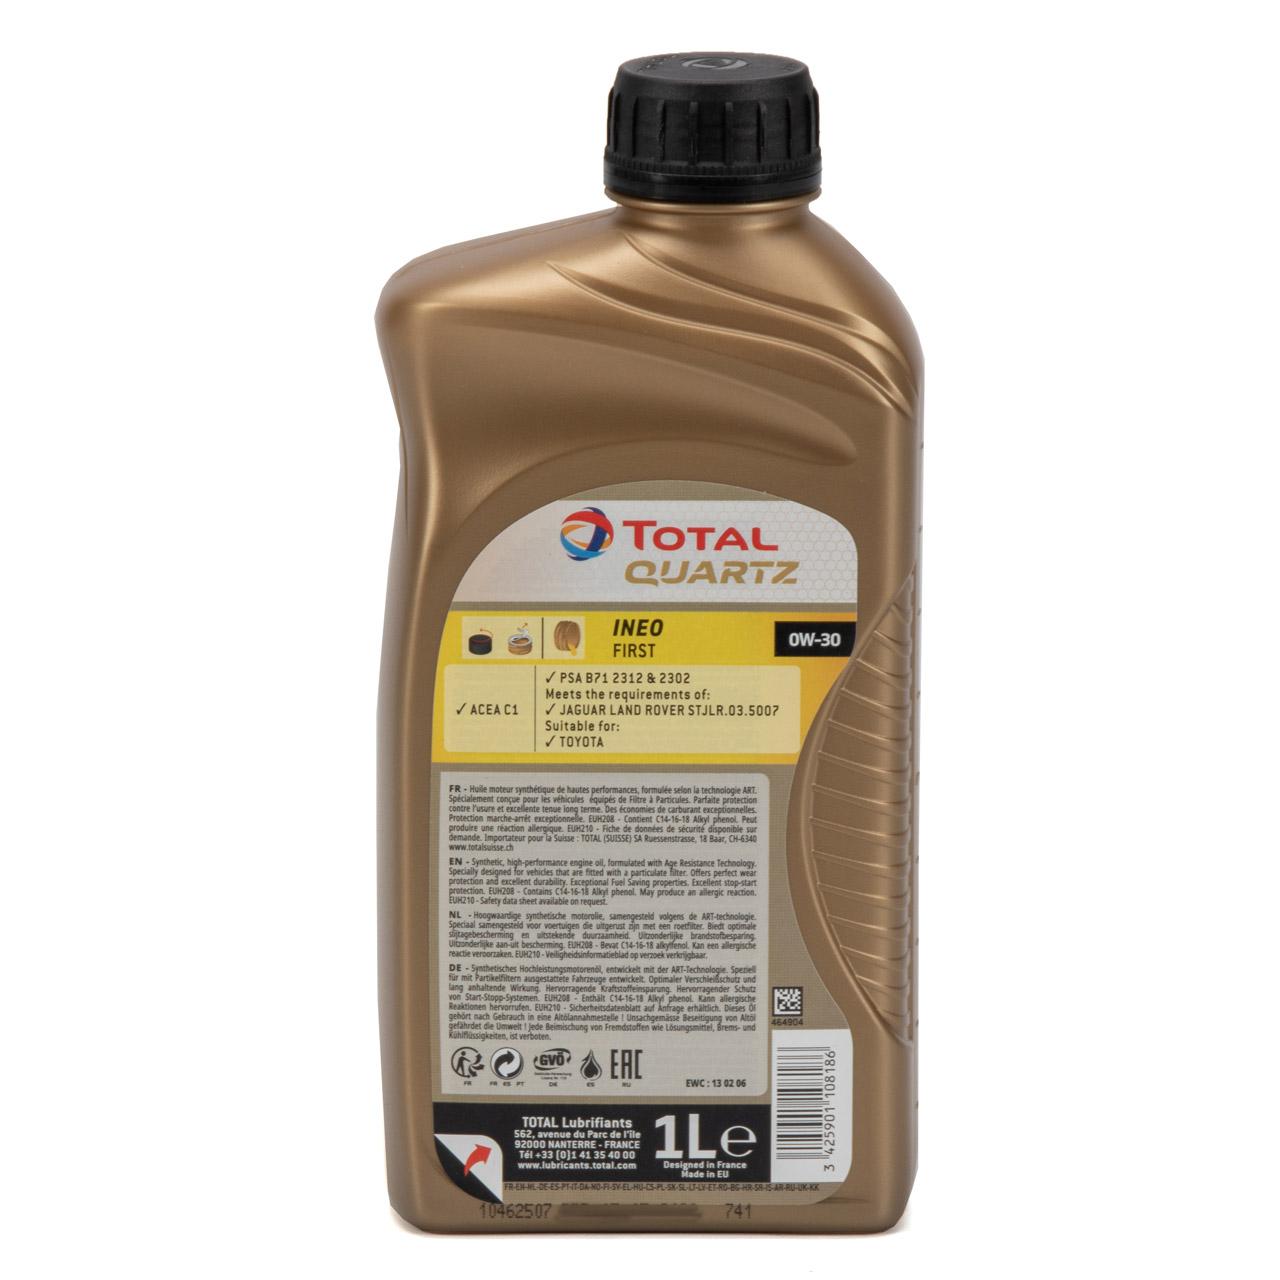 TOTAL QUARTZ INEO FIRST Motoröl Öl 0W-30 ACEA C1 C2 PSA B71 2312 - 1L 1 Liter